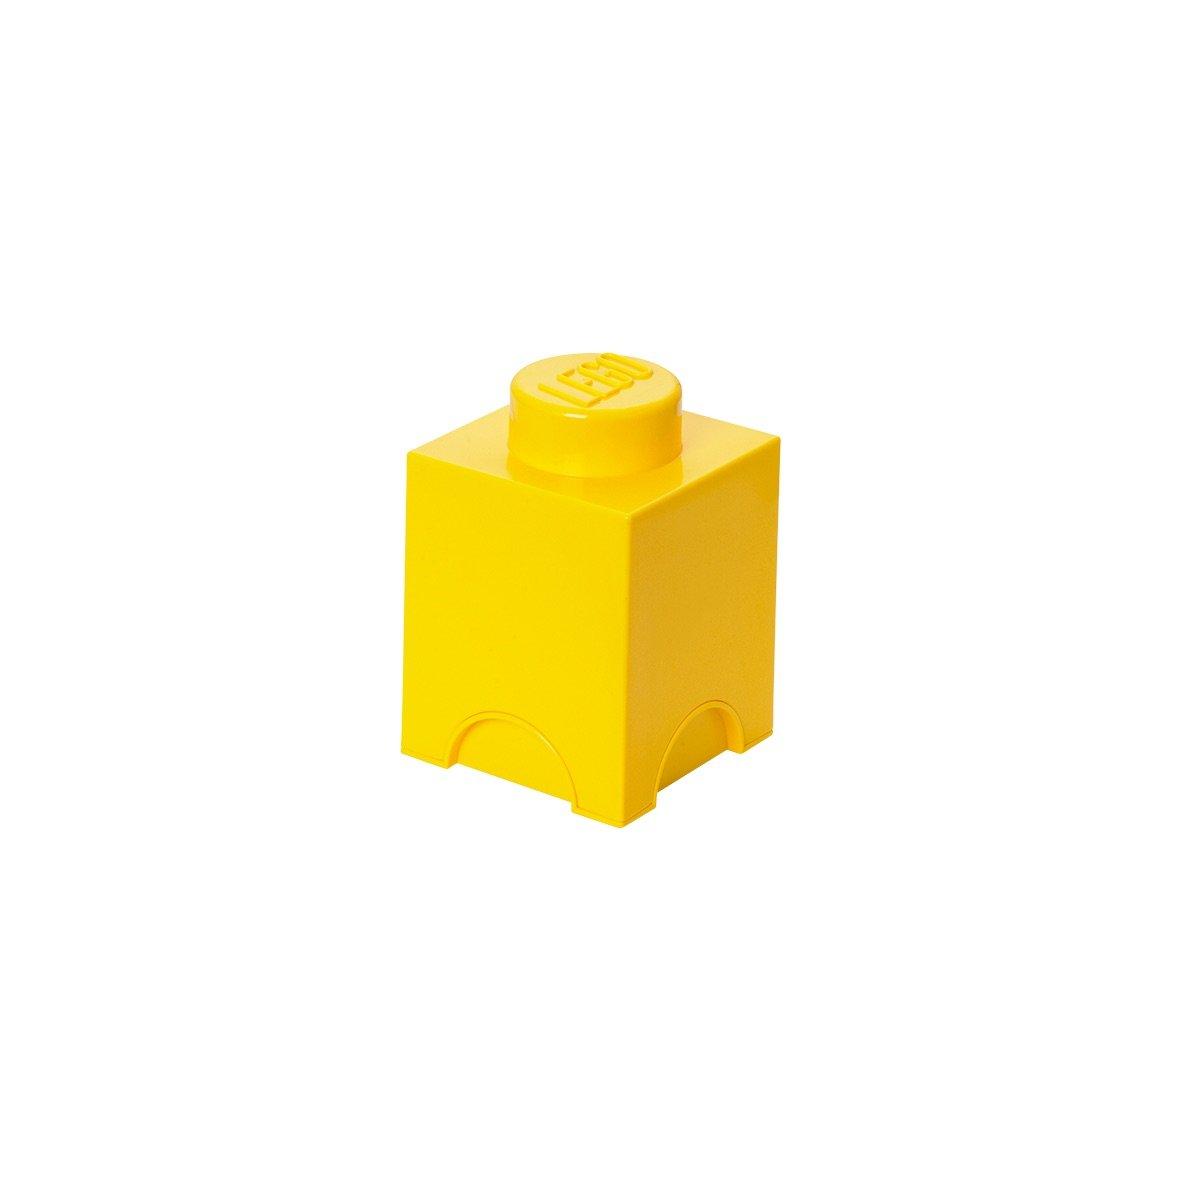 LEGO 40011732 - Caja en forma de bloque 1, color amarillo [importado de Alemania] FBA_40011732 Bloque de Almacenaje Papás Frikis brick